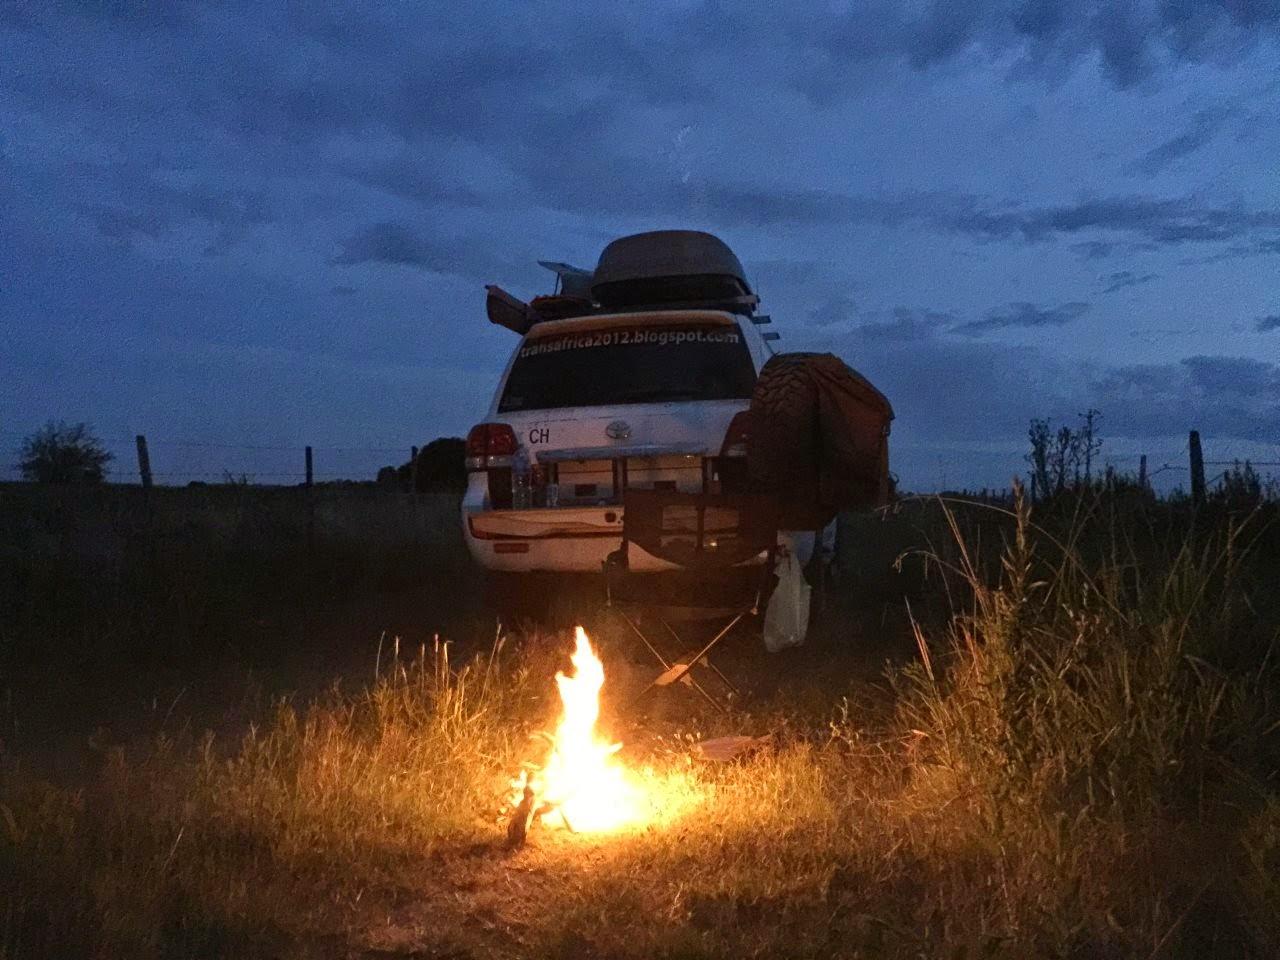 Lagerfeuer Romantik in Argentinien, dem ersten Land meiner Panamericana Reise. Ein schöner Wildcamping Spot!